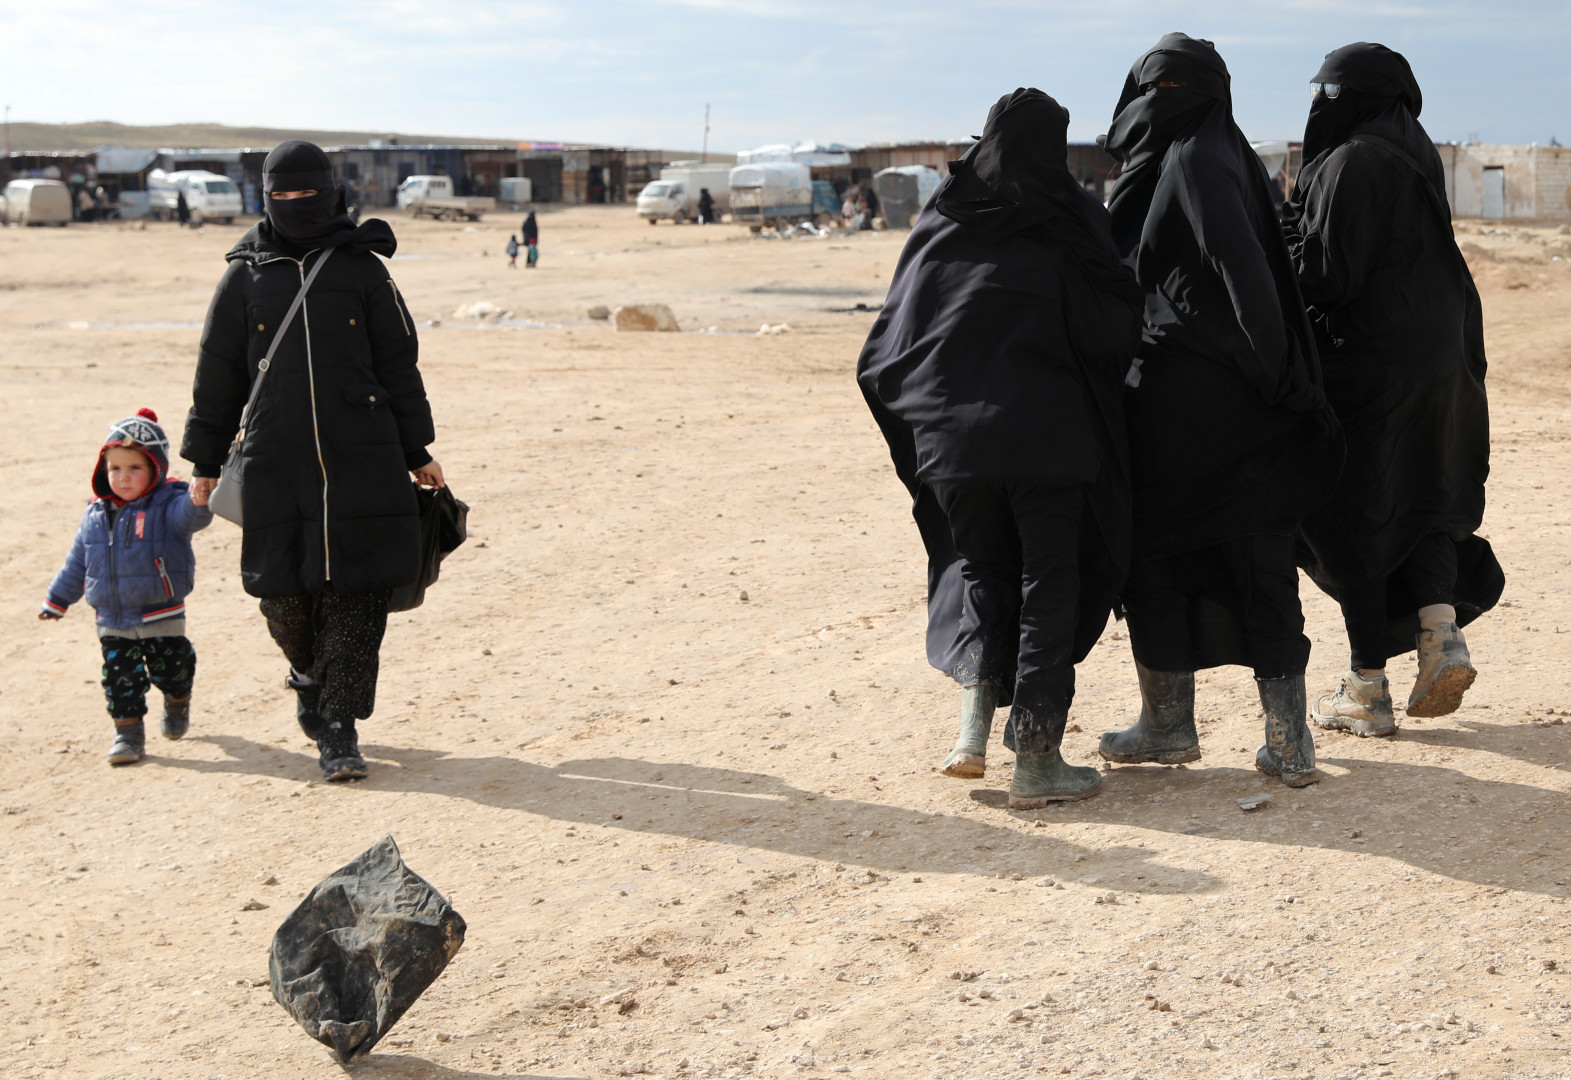 العراق يحبط عملية داعشية لإدخال نساء واطفالهن ويقبض على عناصر بالتنظيم